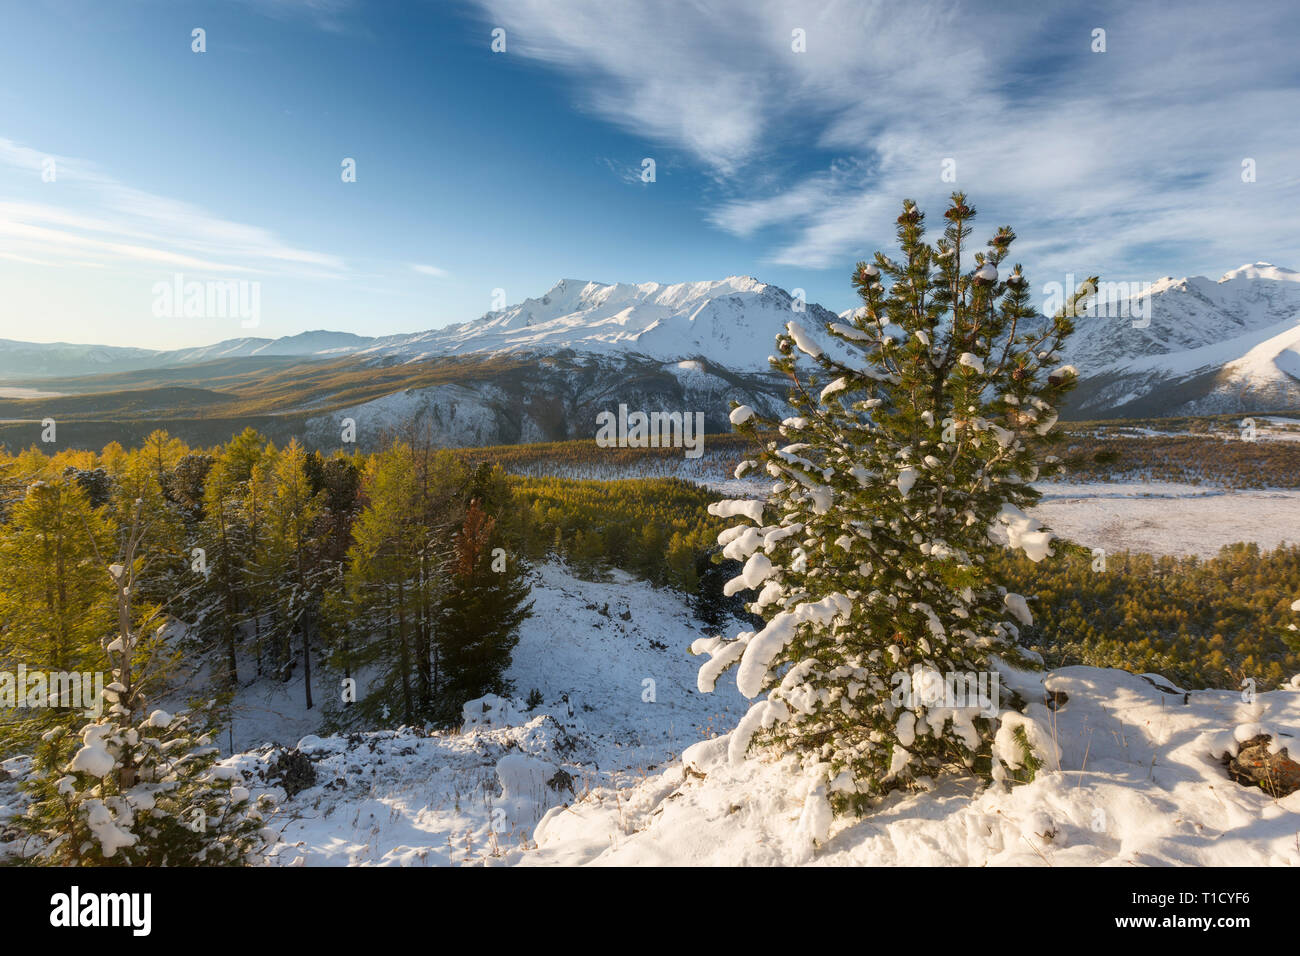 Majestuosos abetos blancos iluminado por la luz solar. Hermosa y pintoresca escena invernal. Estación de esquí de los Alpes. Foto de stock